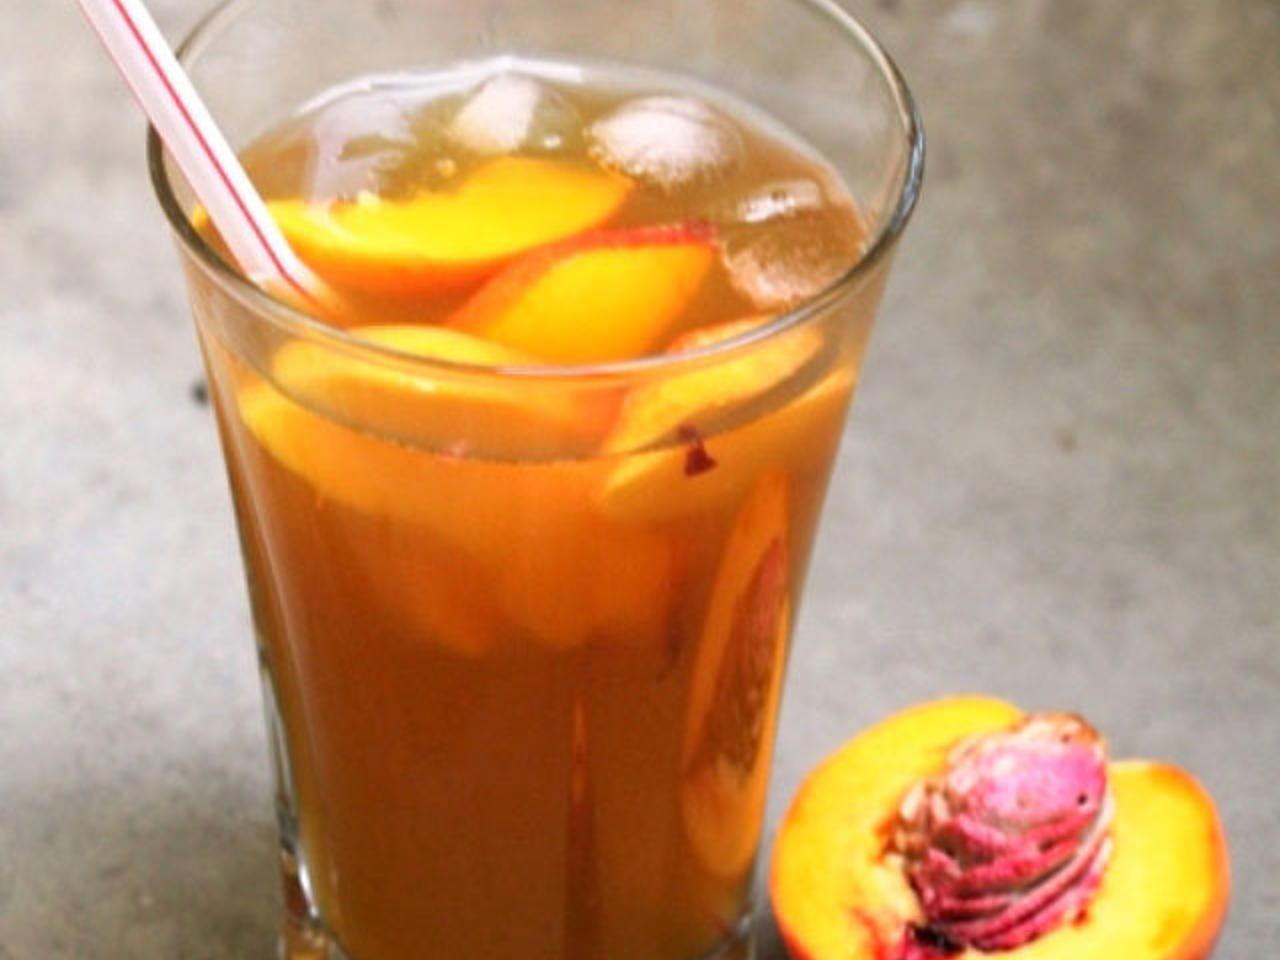 مشروبات باردة ومنعشة في الصيف